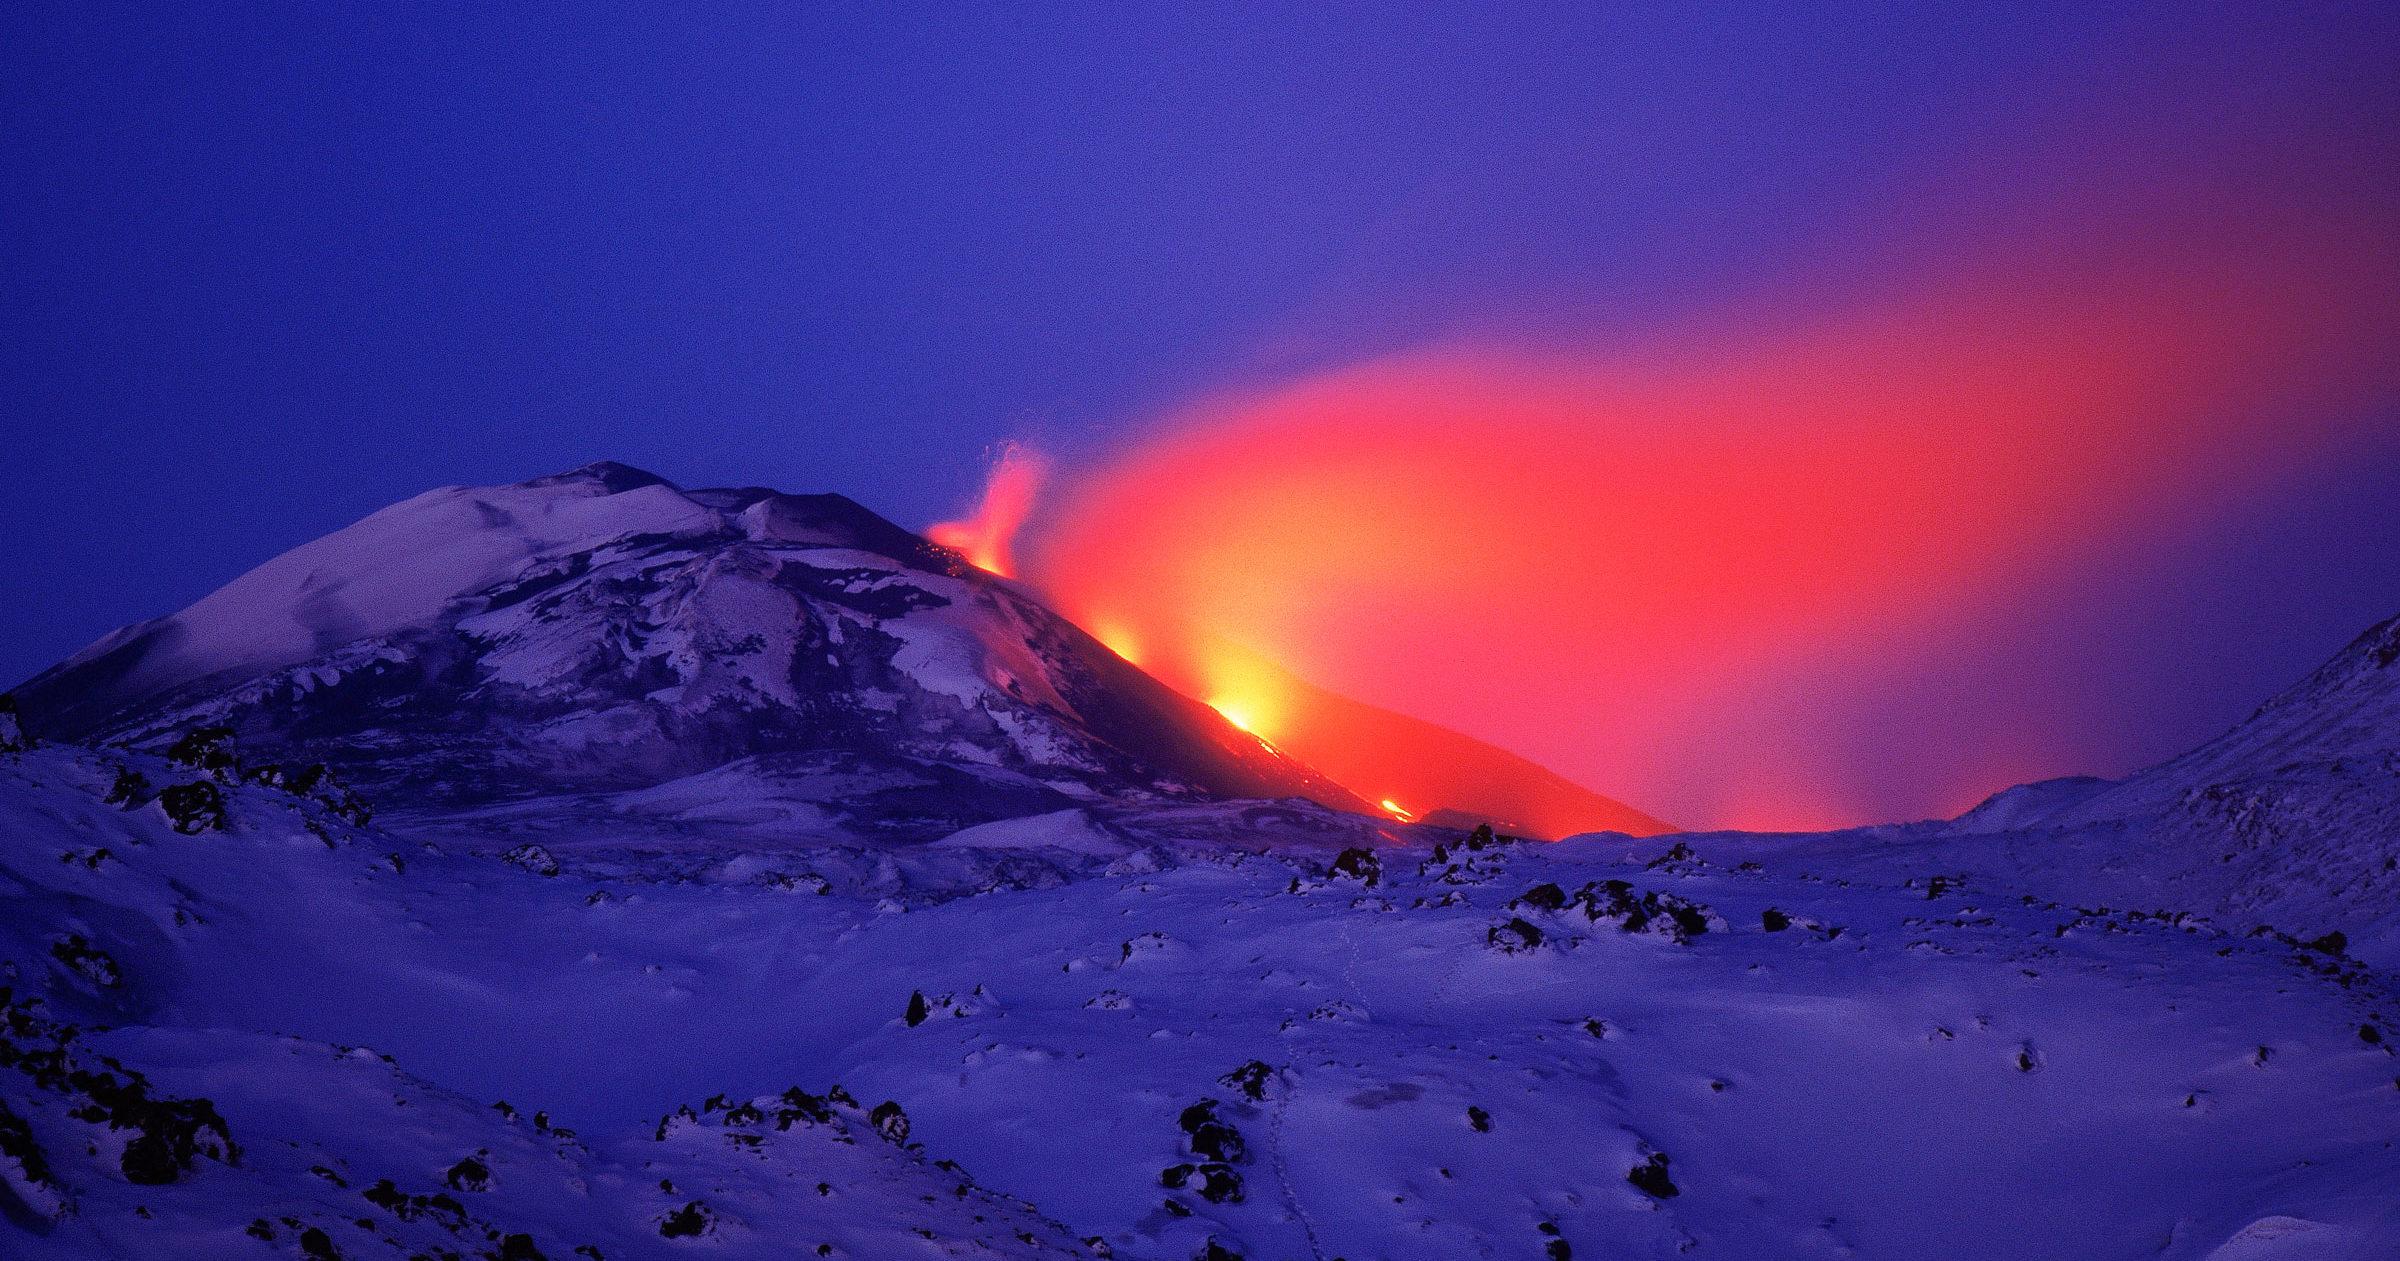 Hekla, Iceland - Volcano 2